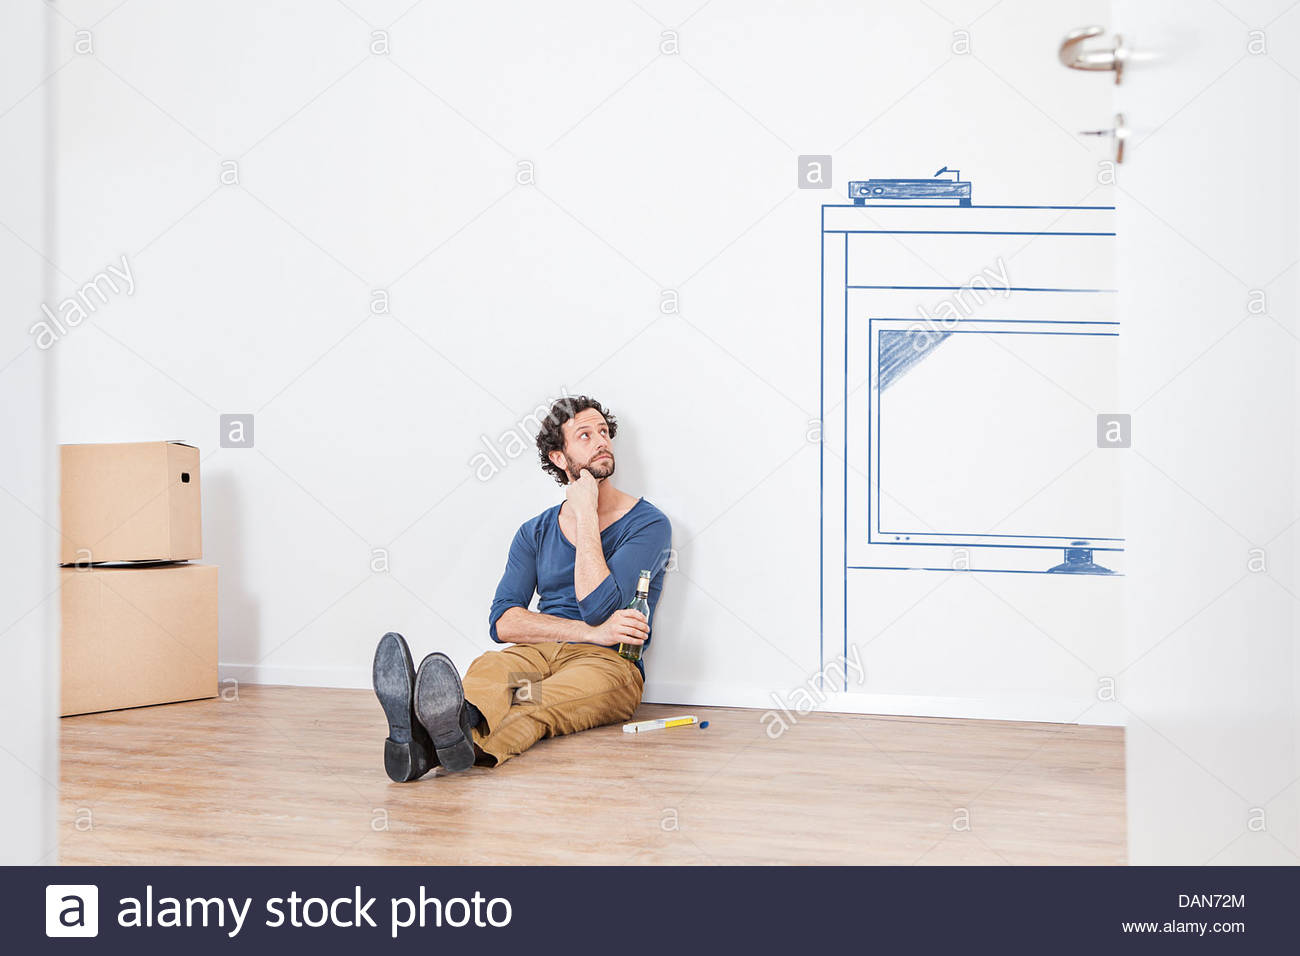 Penser à l'homme nouveau salon d'ameublement Photo Stock